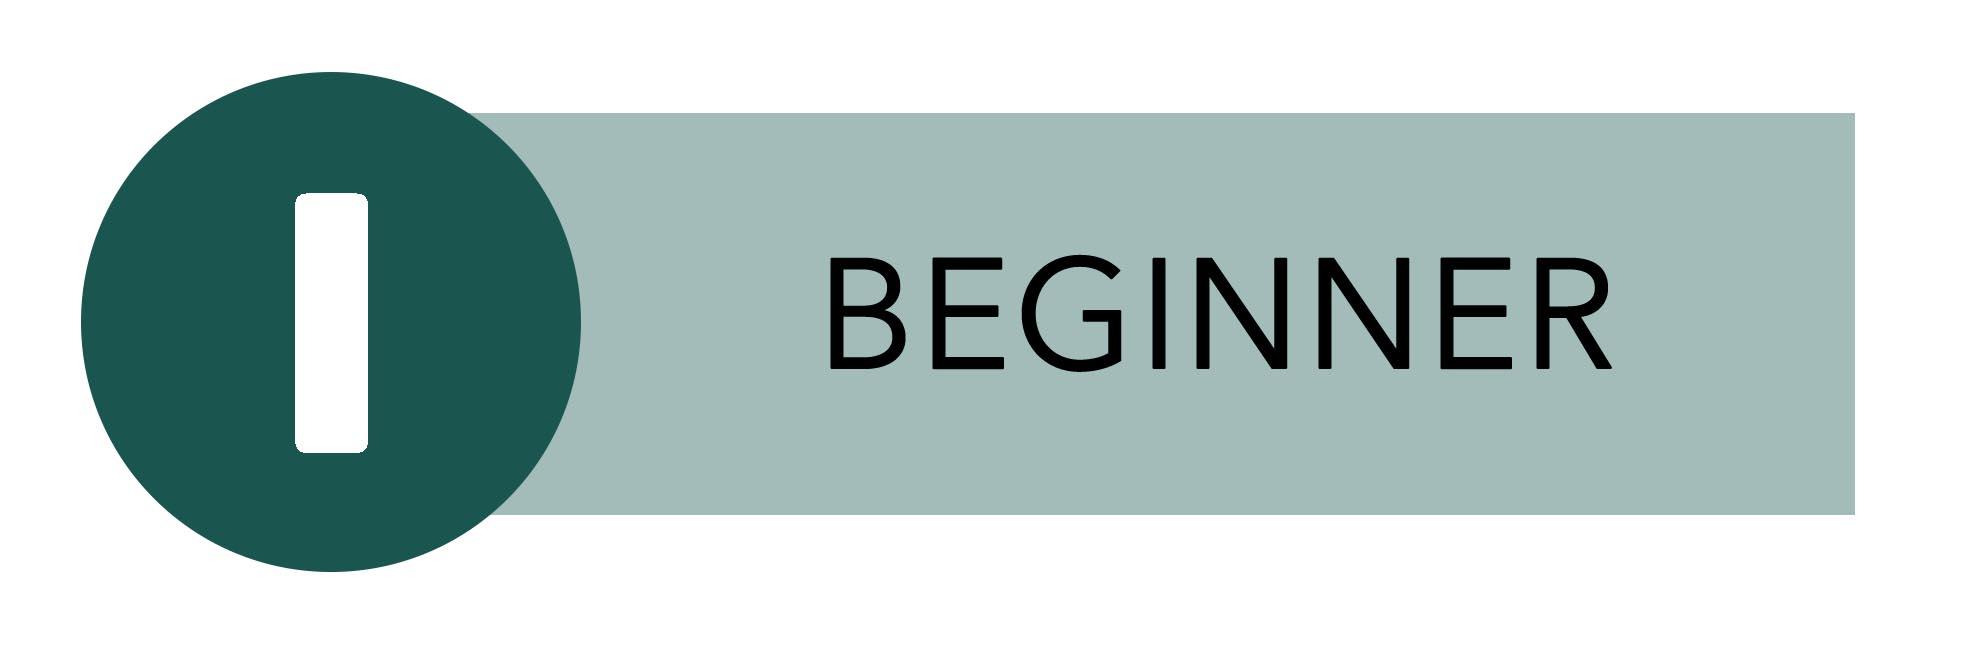 I Beginner.jpg